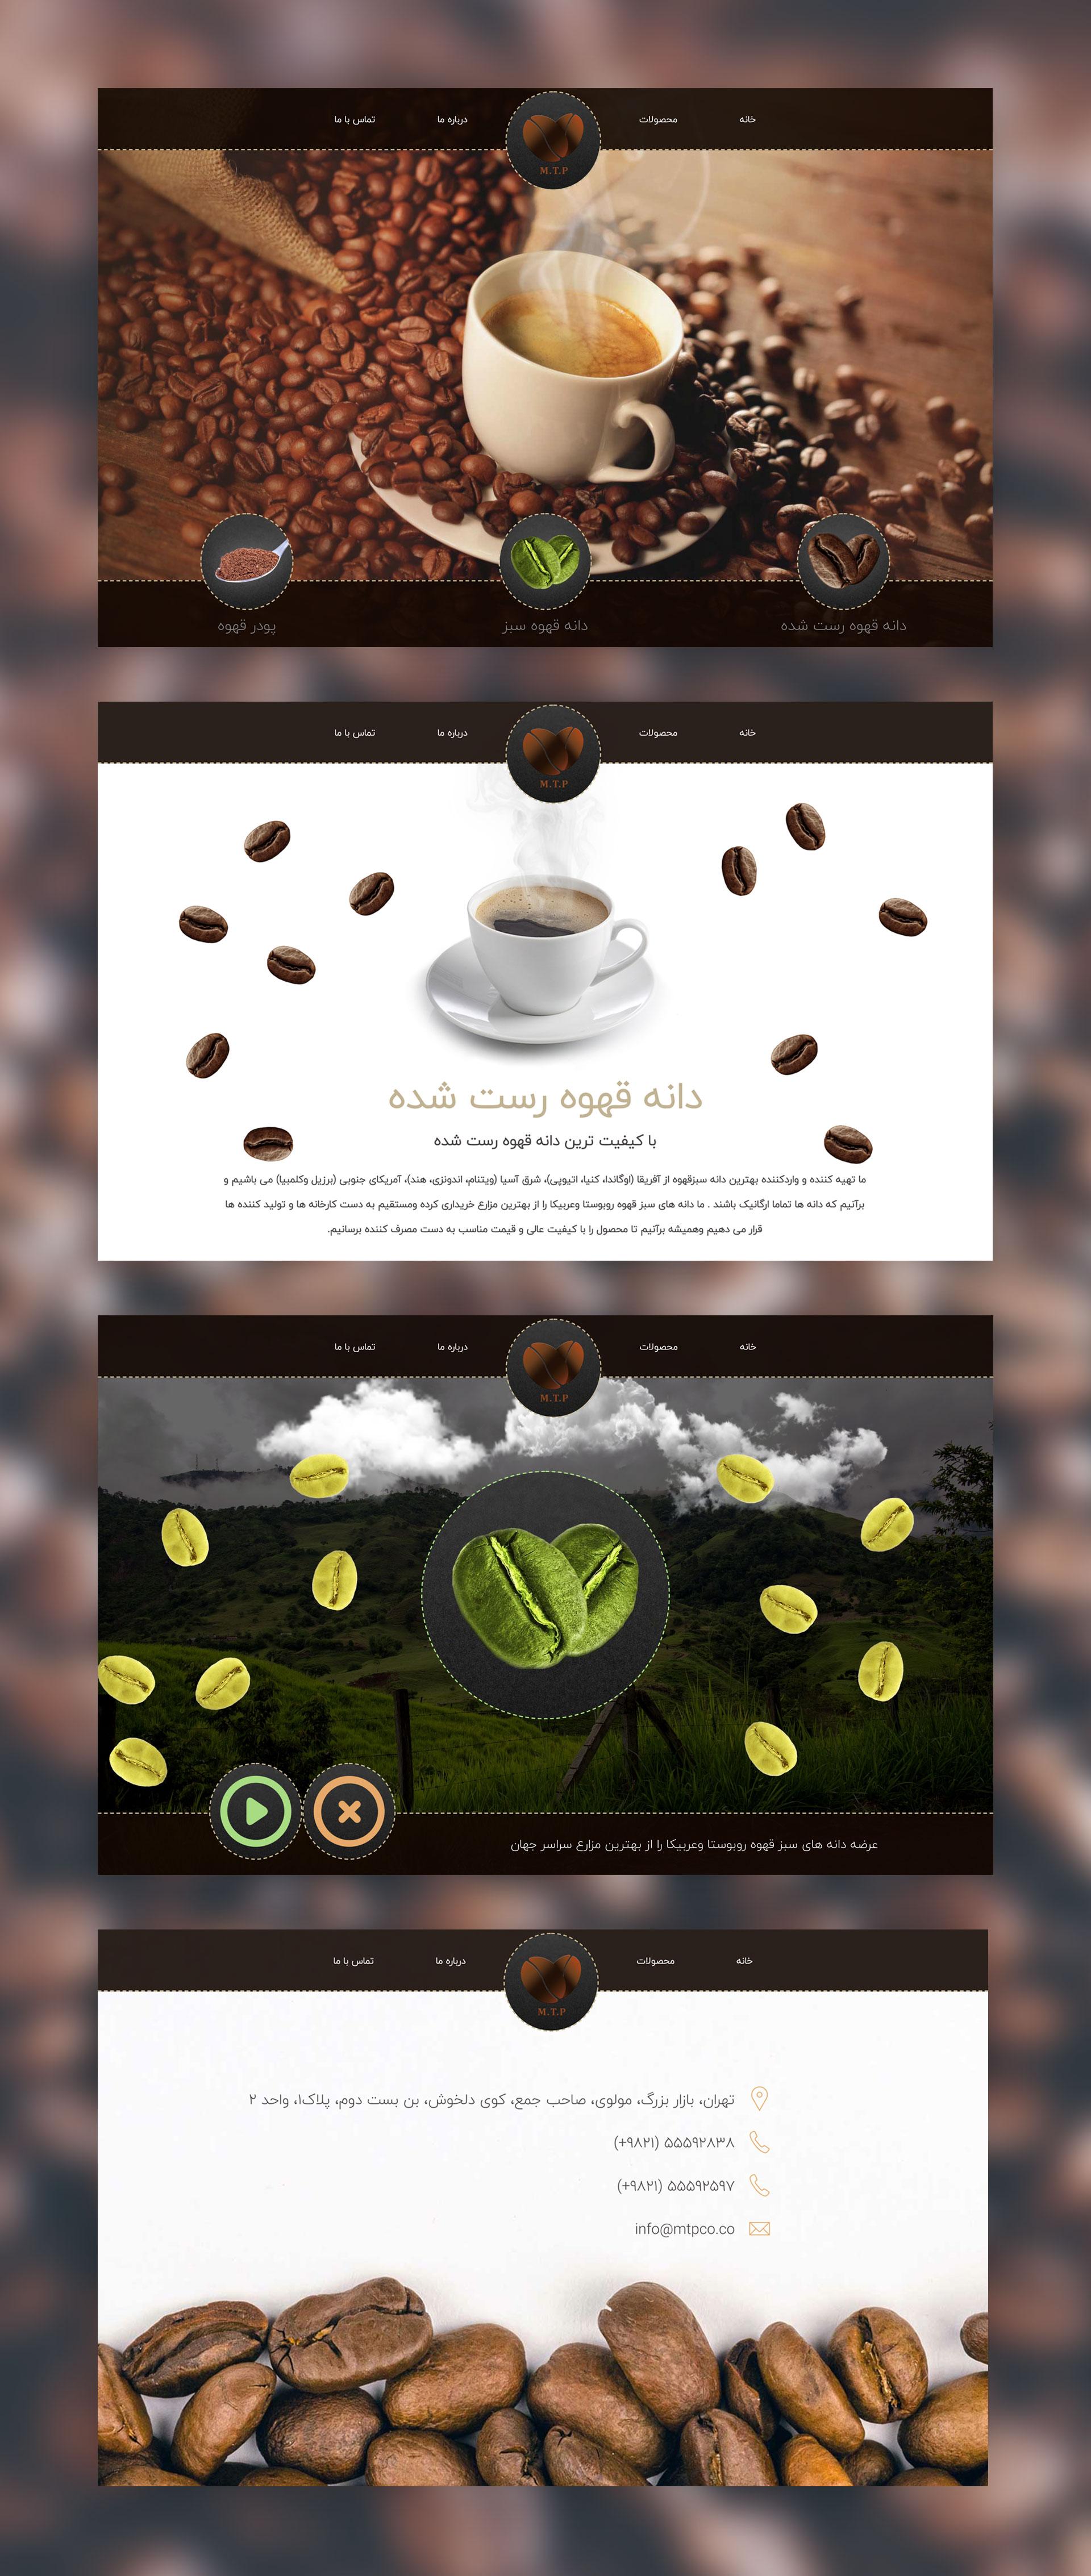 نمونه کار طراحی وب سایت دانه قهوه و کافی شاپ